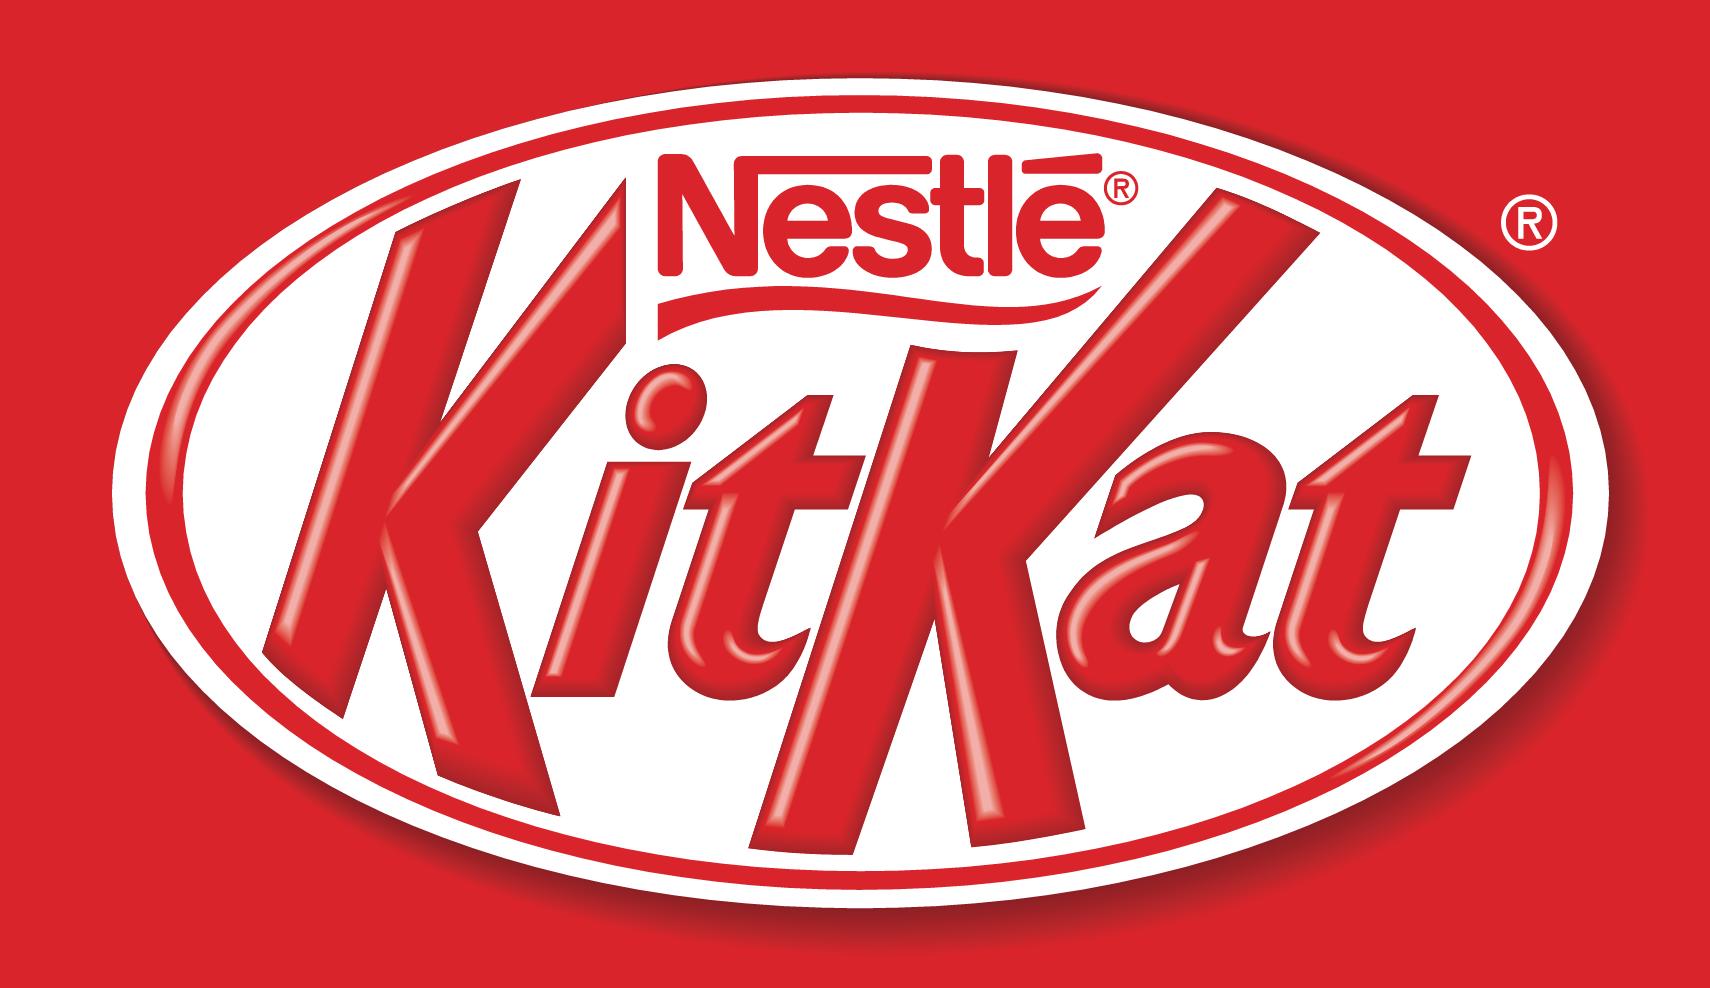 kit kat logo Gallery